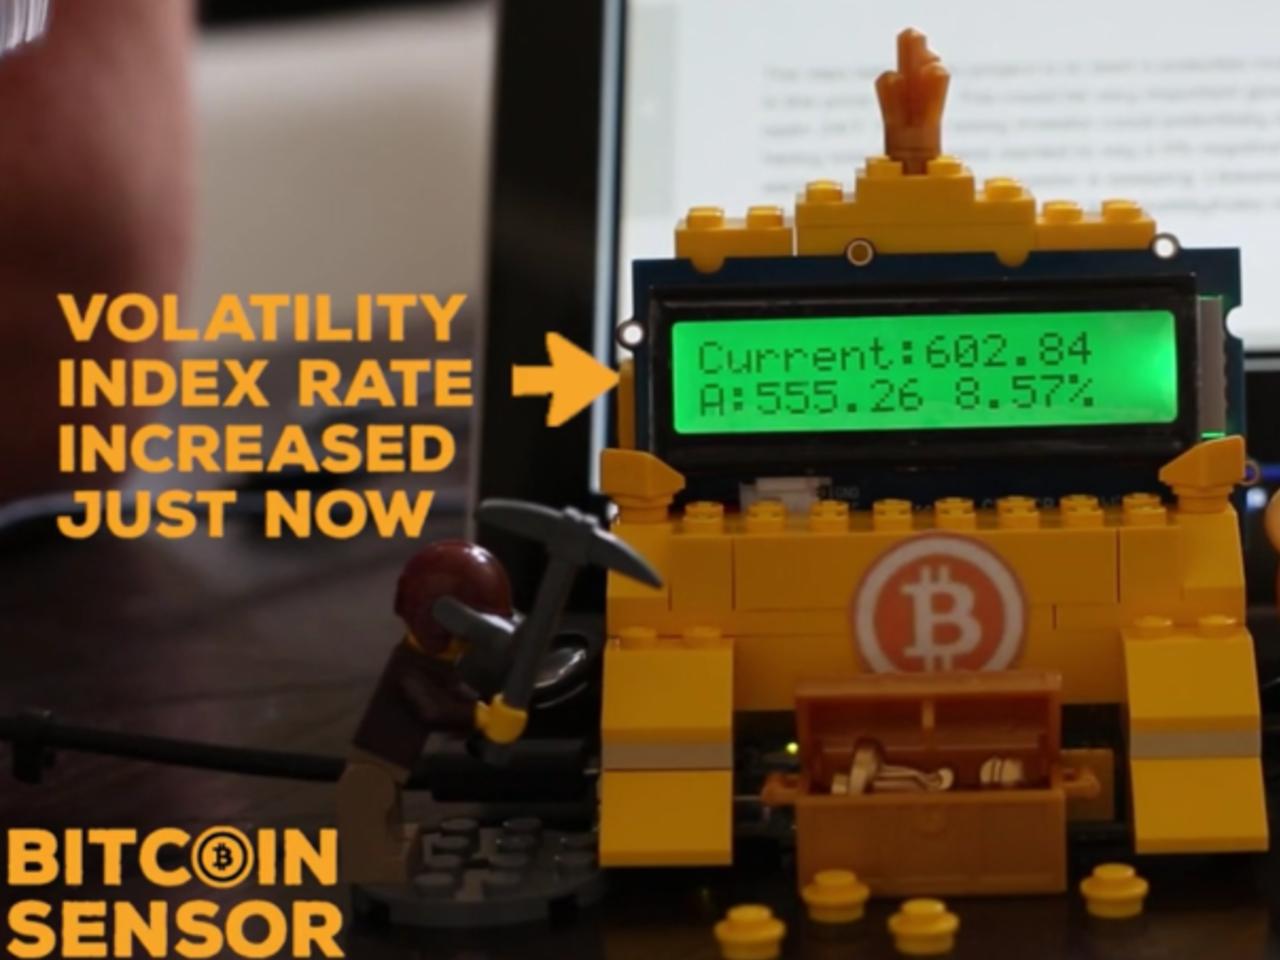 BitCoin Sensor